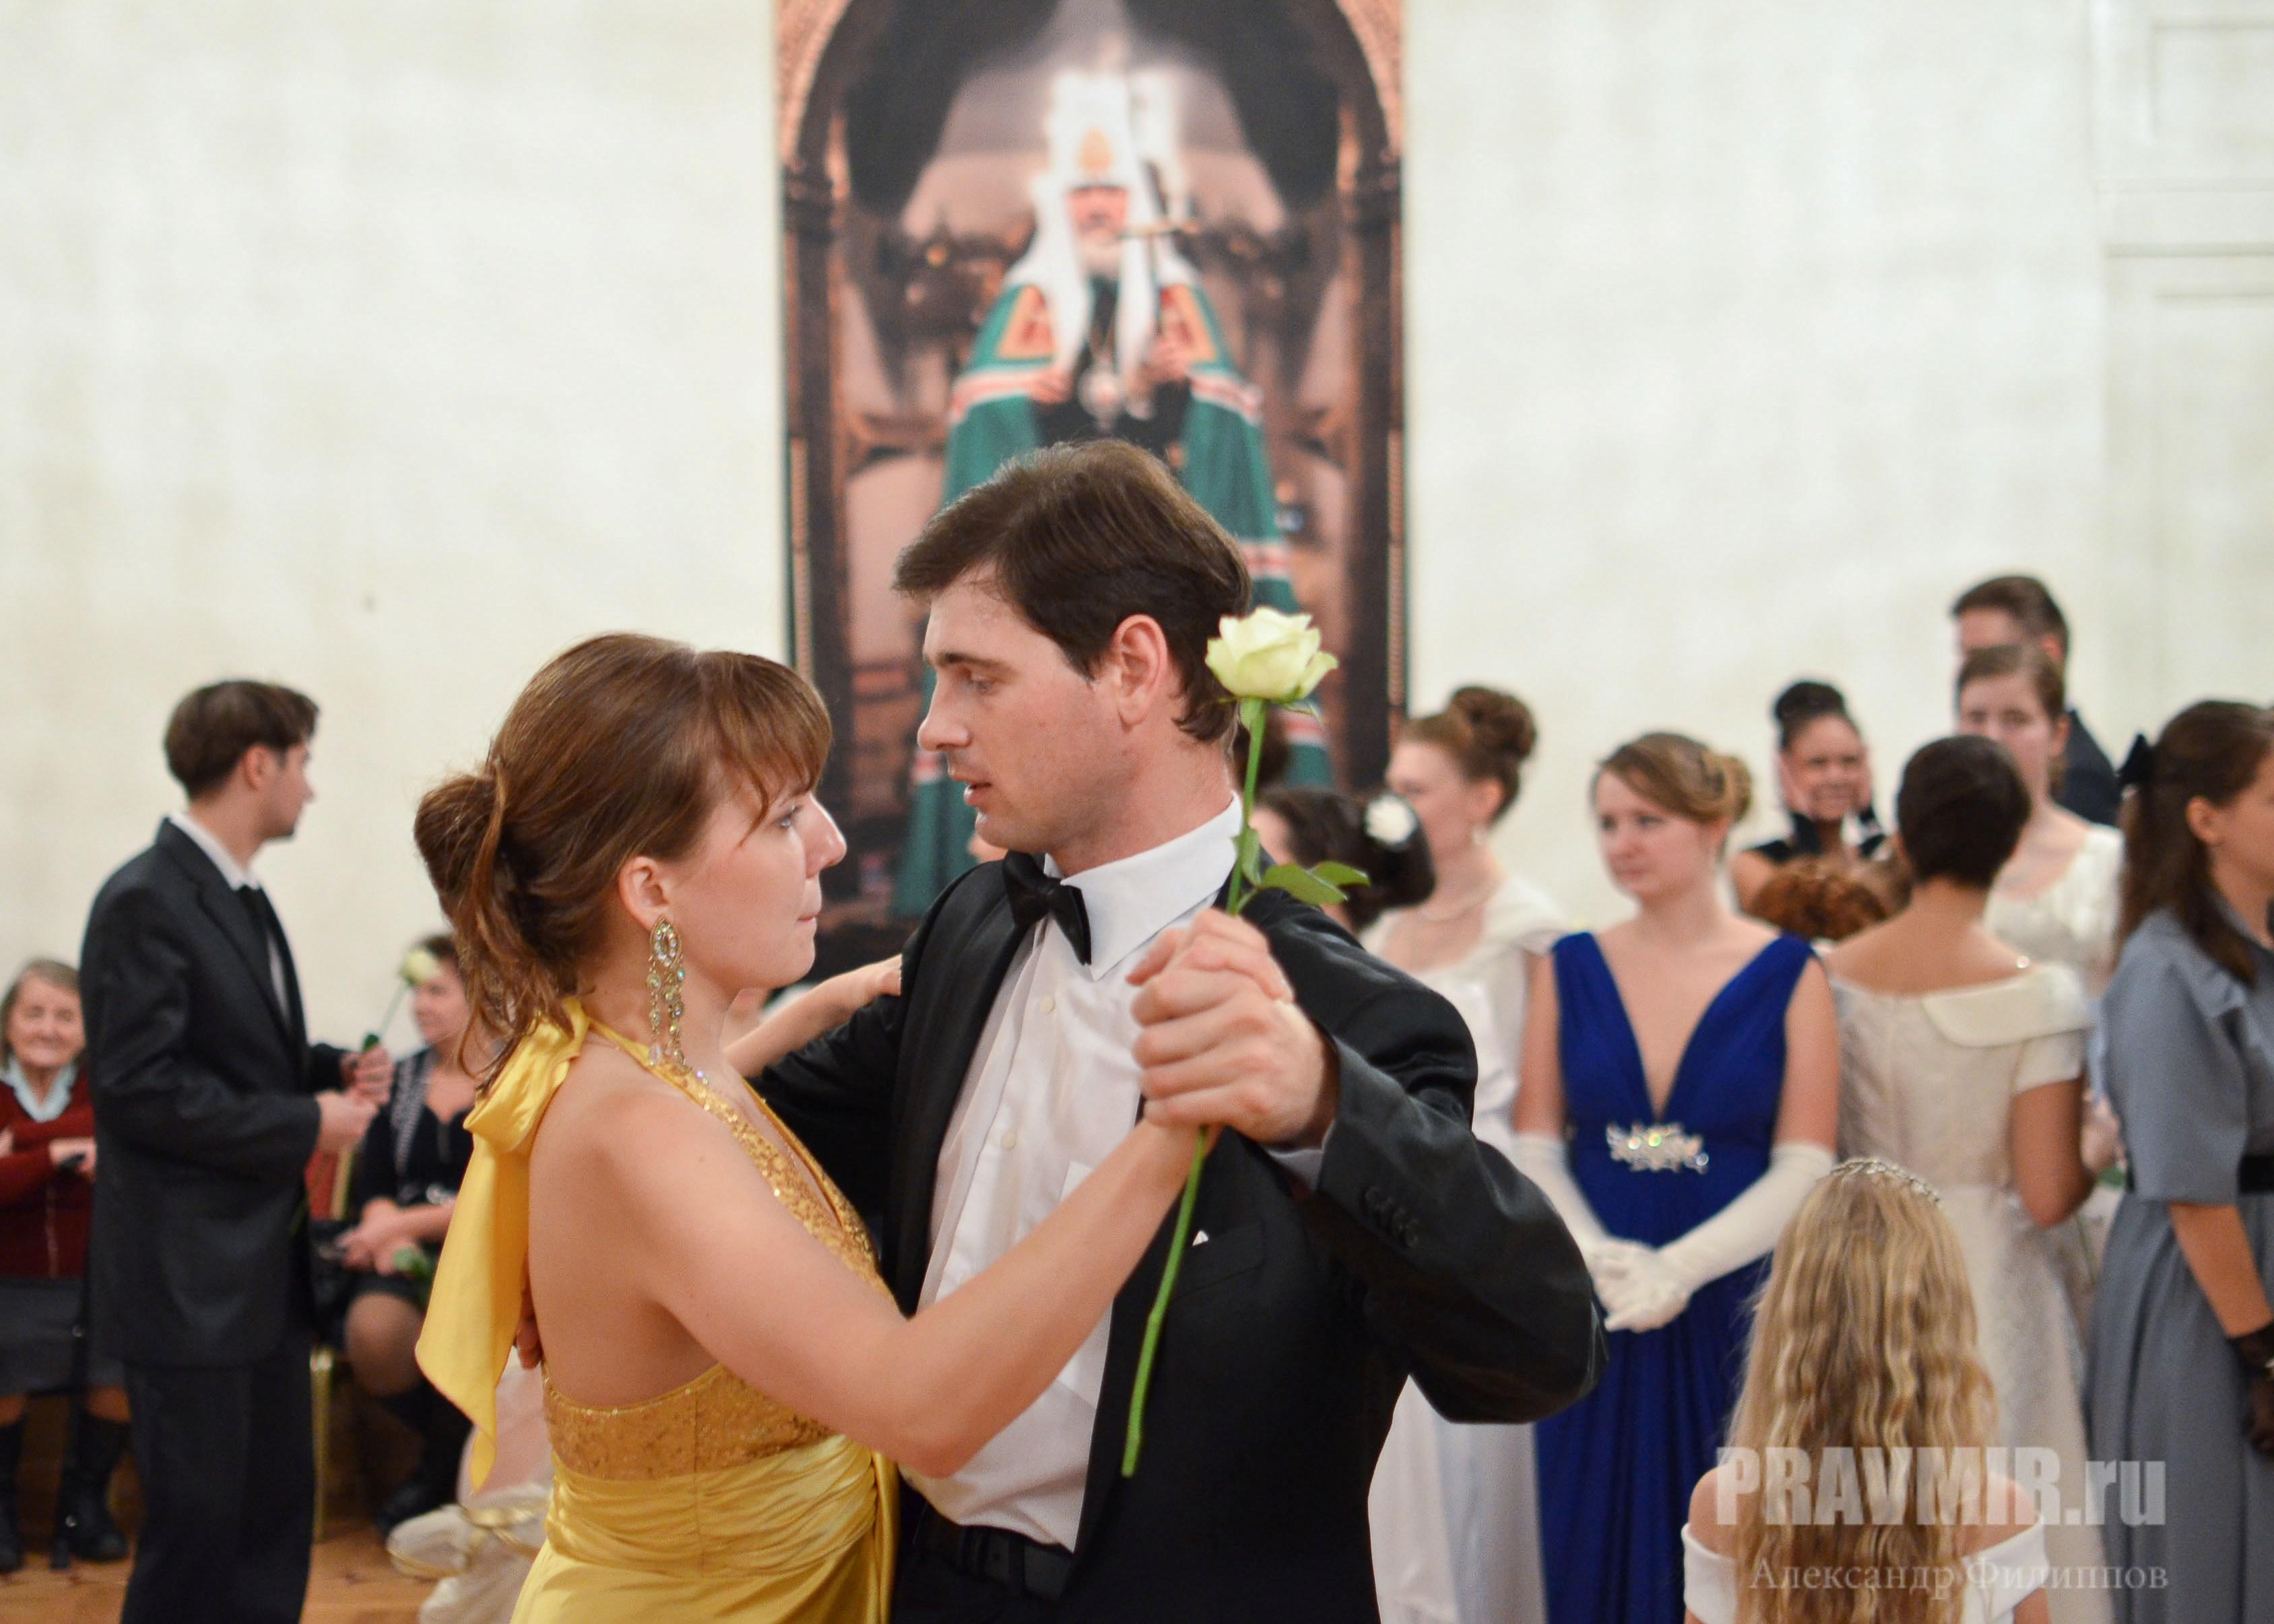 Алексей черепанов и его девушка фото